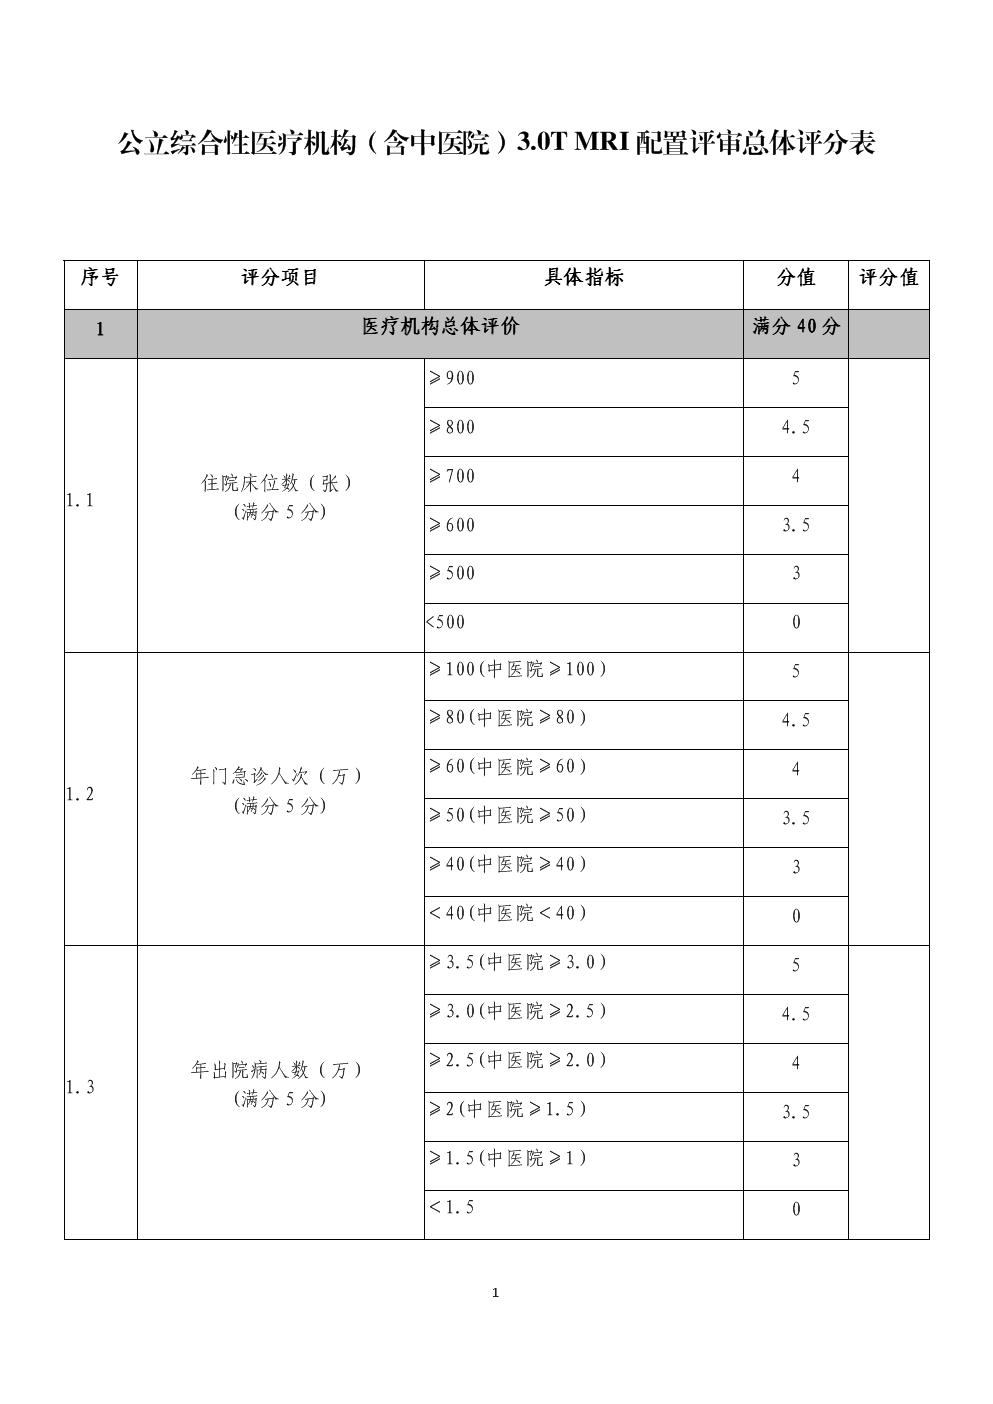 公立综合性医疗机构(含中医院)3.0T MRI配置评审总体评分表.docx